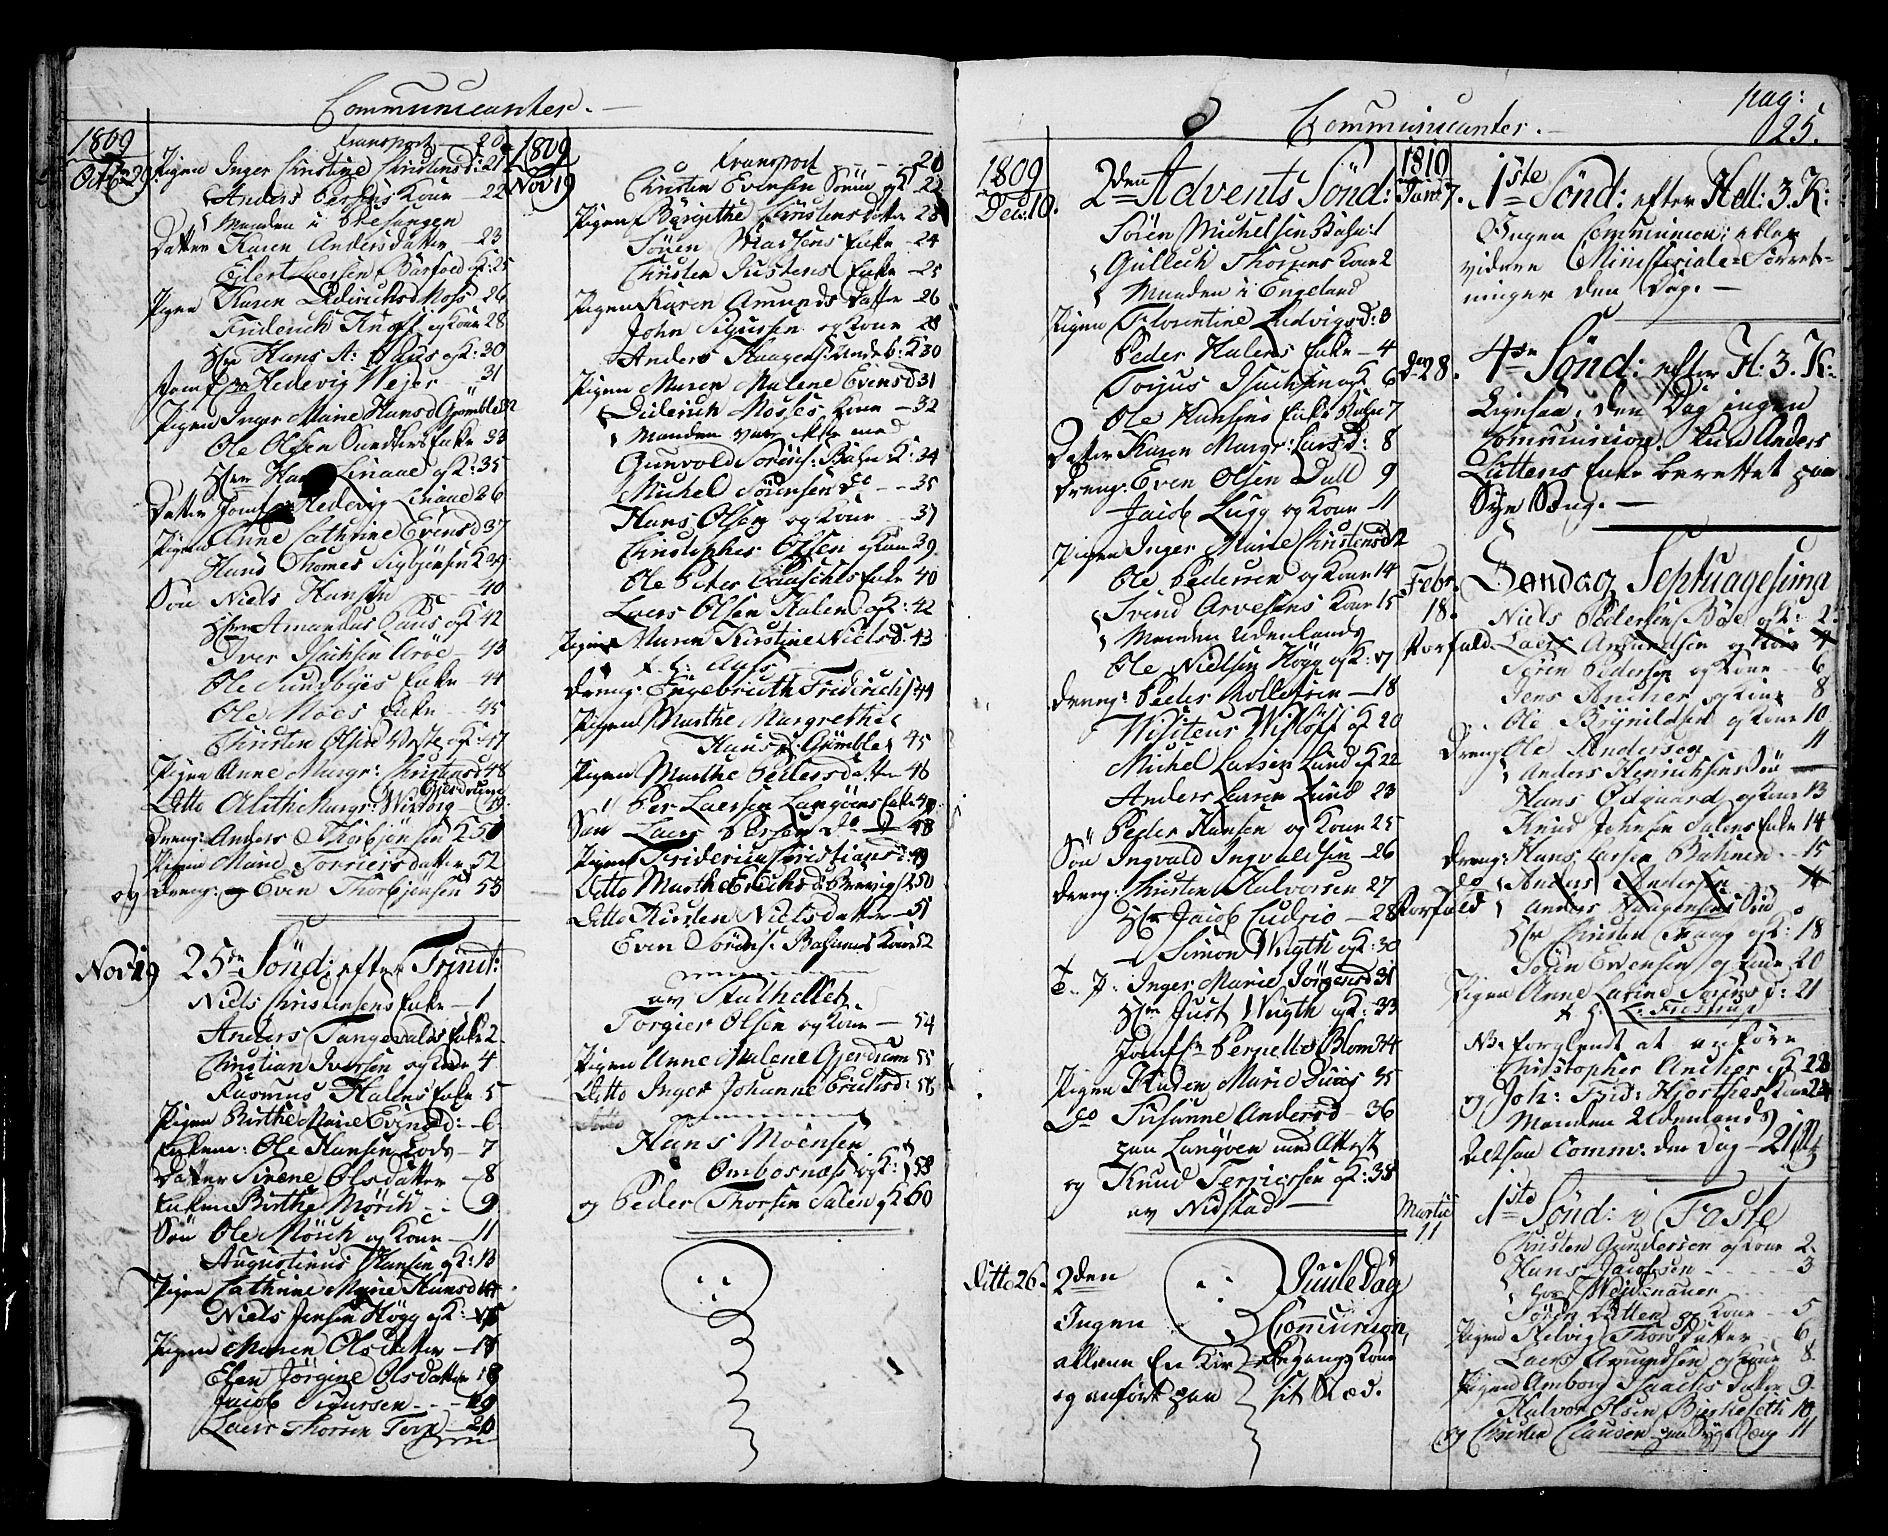 SAKO, Langesund kirkebøker, G/Ga/L0002: Klokkerbok nr. 2, 1801-1815, s. 25